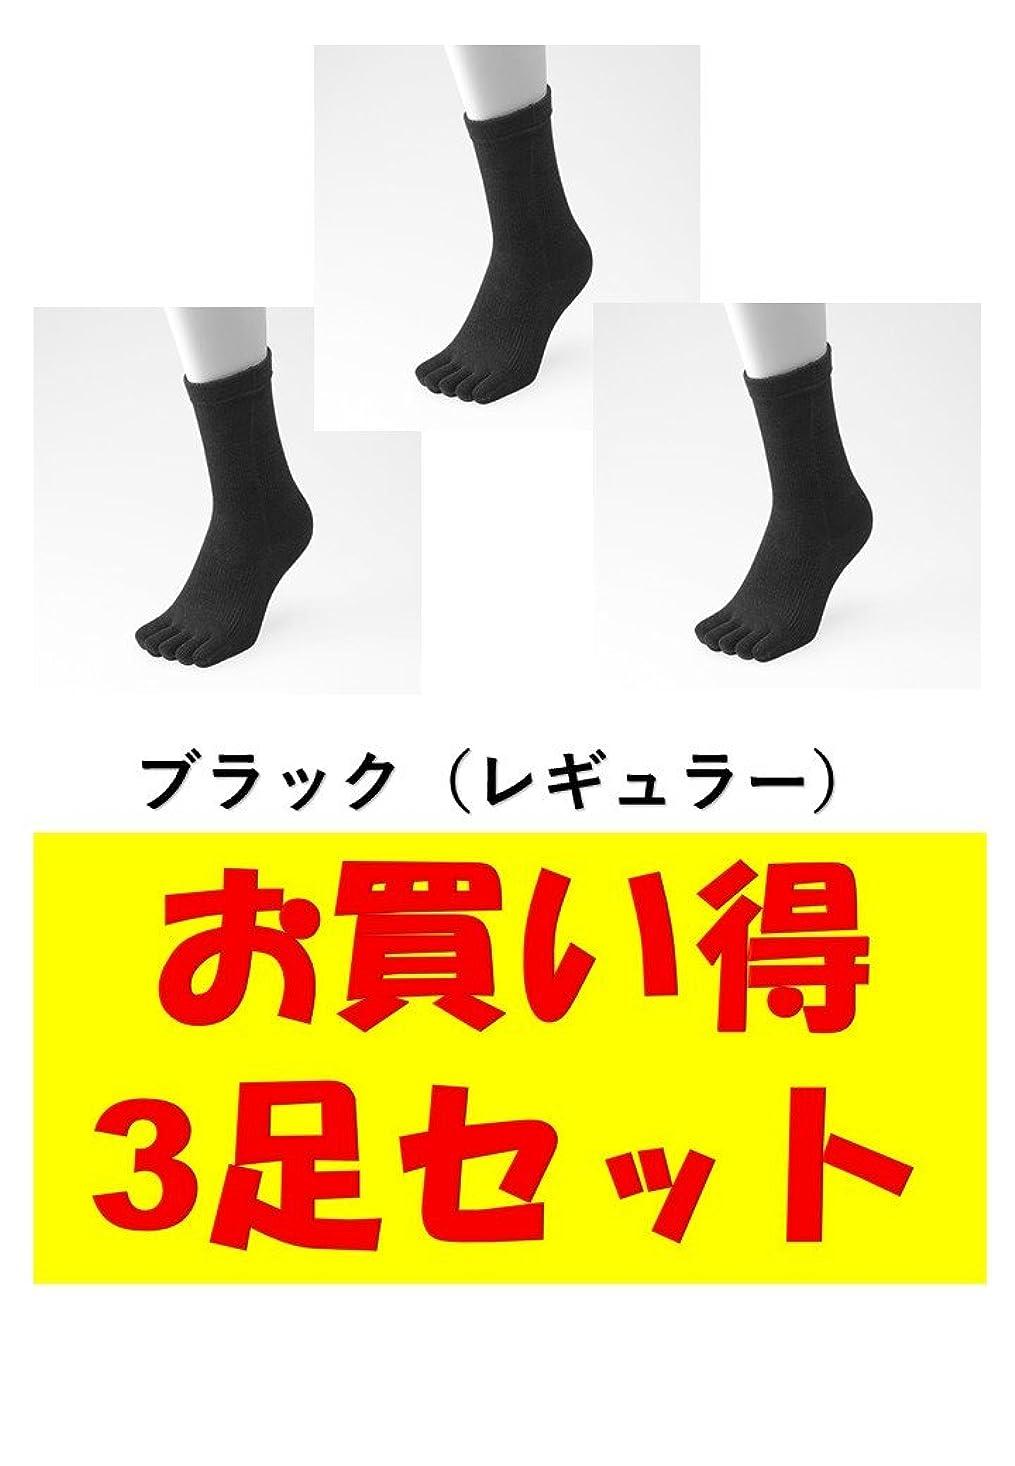 関係快いボランティアお買い得3足セット 5本指 ゆびのばソックス ゆびのばレギュラー ブラック 女性用 22.0cm-25.5cm HSREGR-BLK